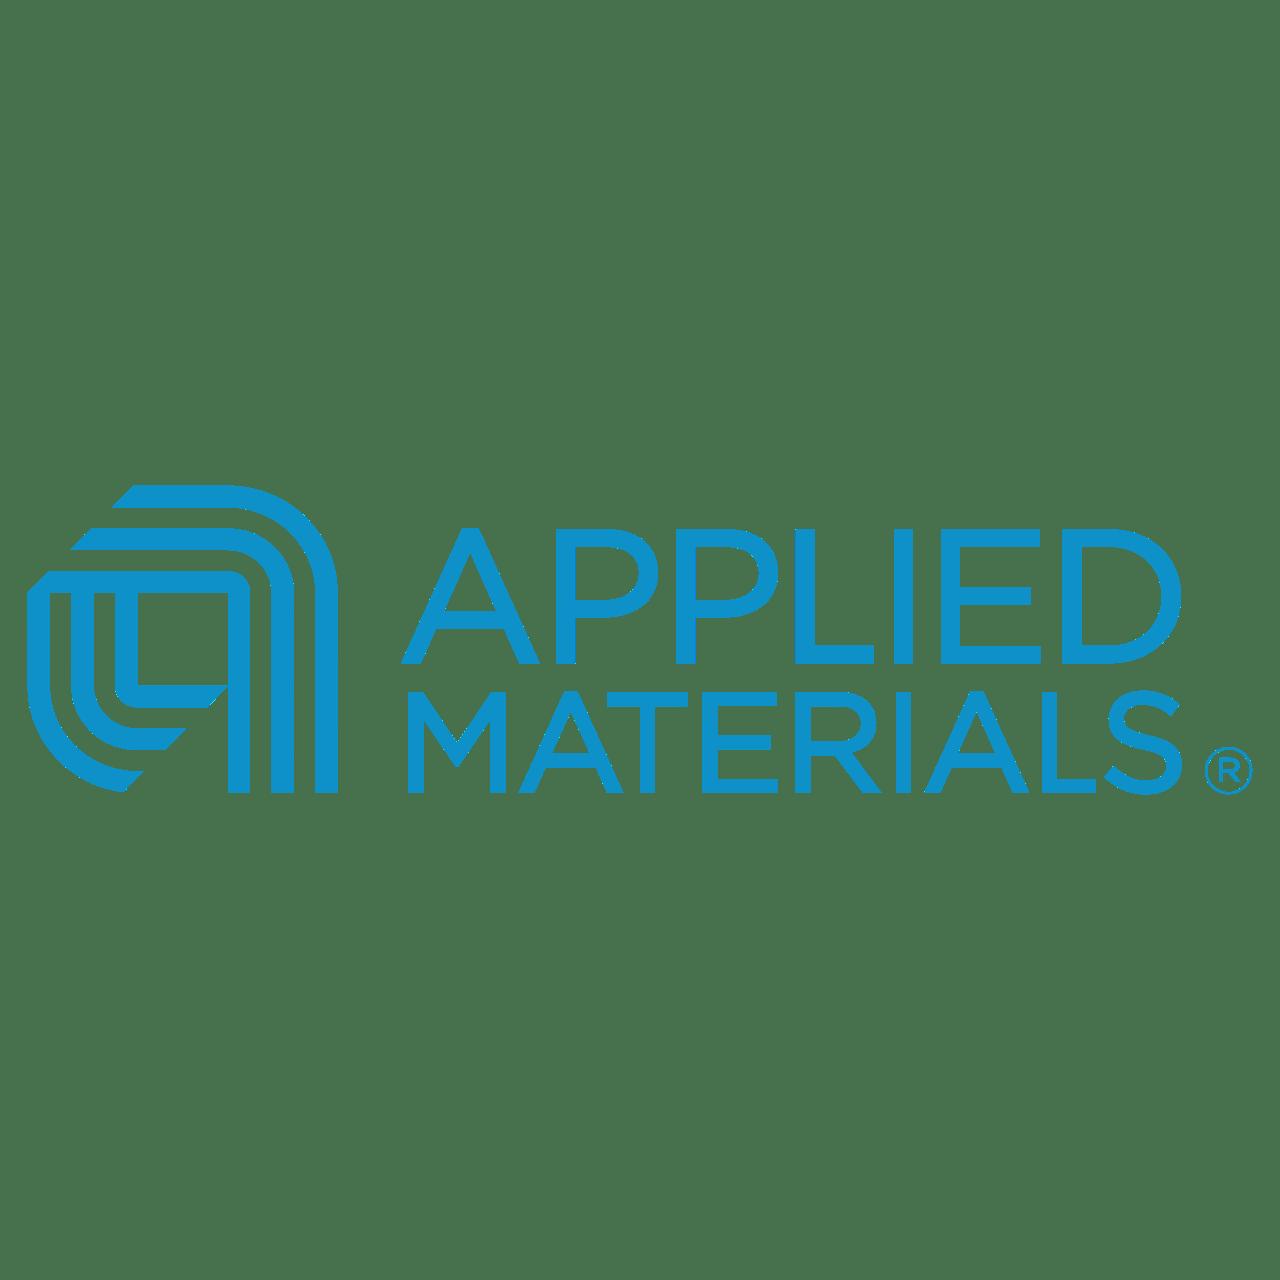 #Applied Materials Aktienanalyse | Bilanzanalyse - Fundamentale Aktienanalyse